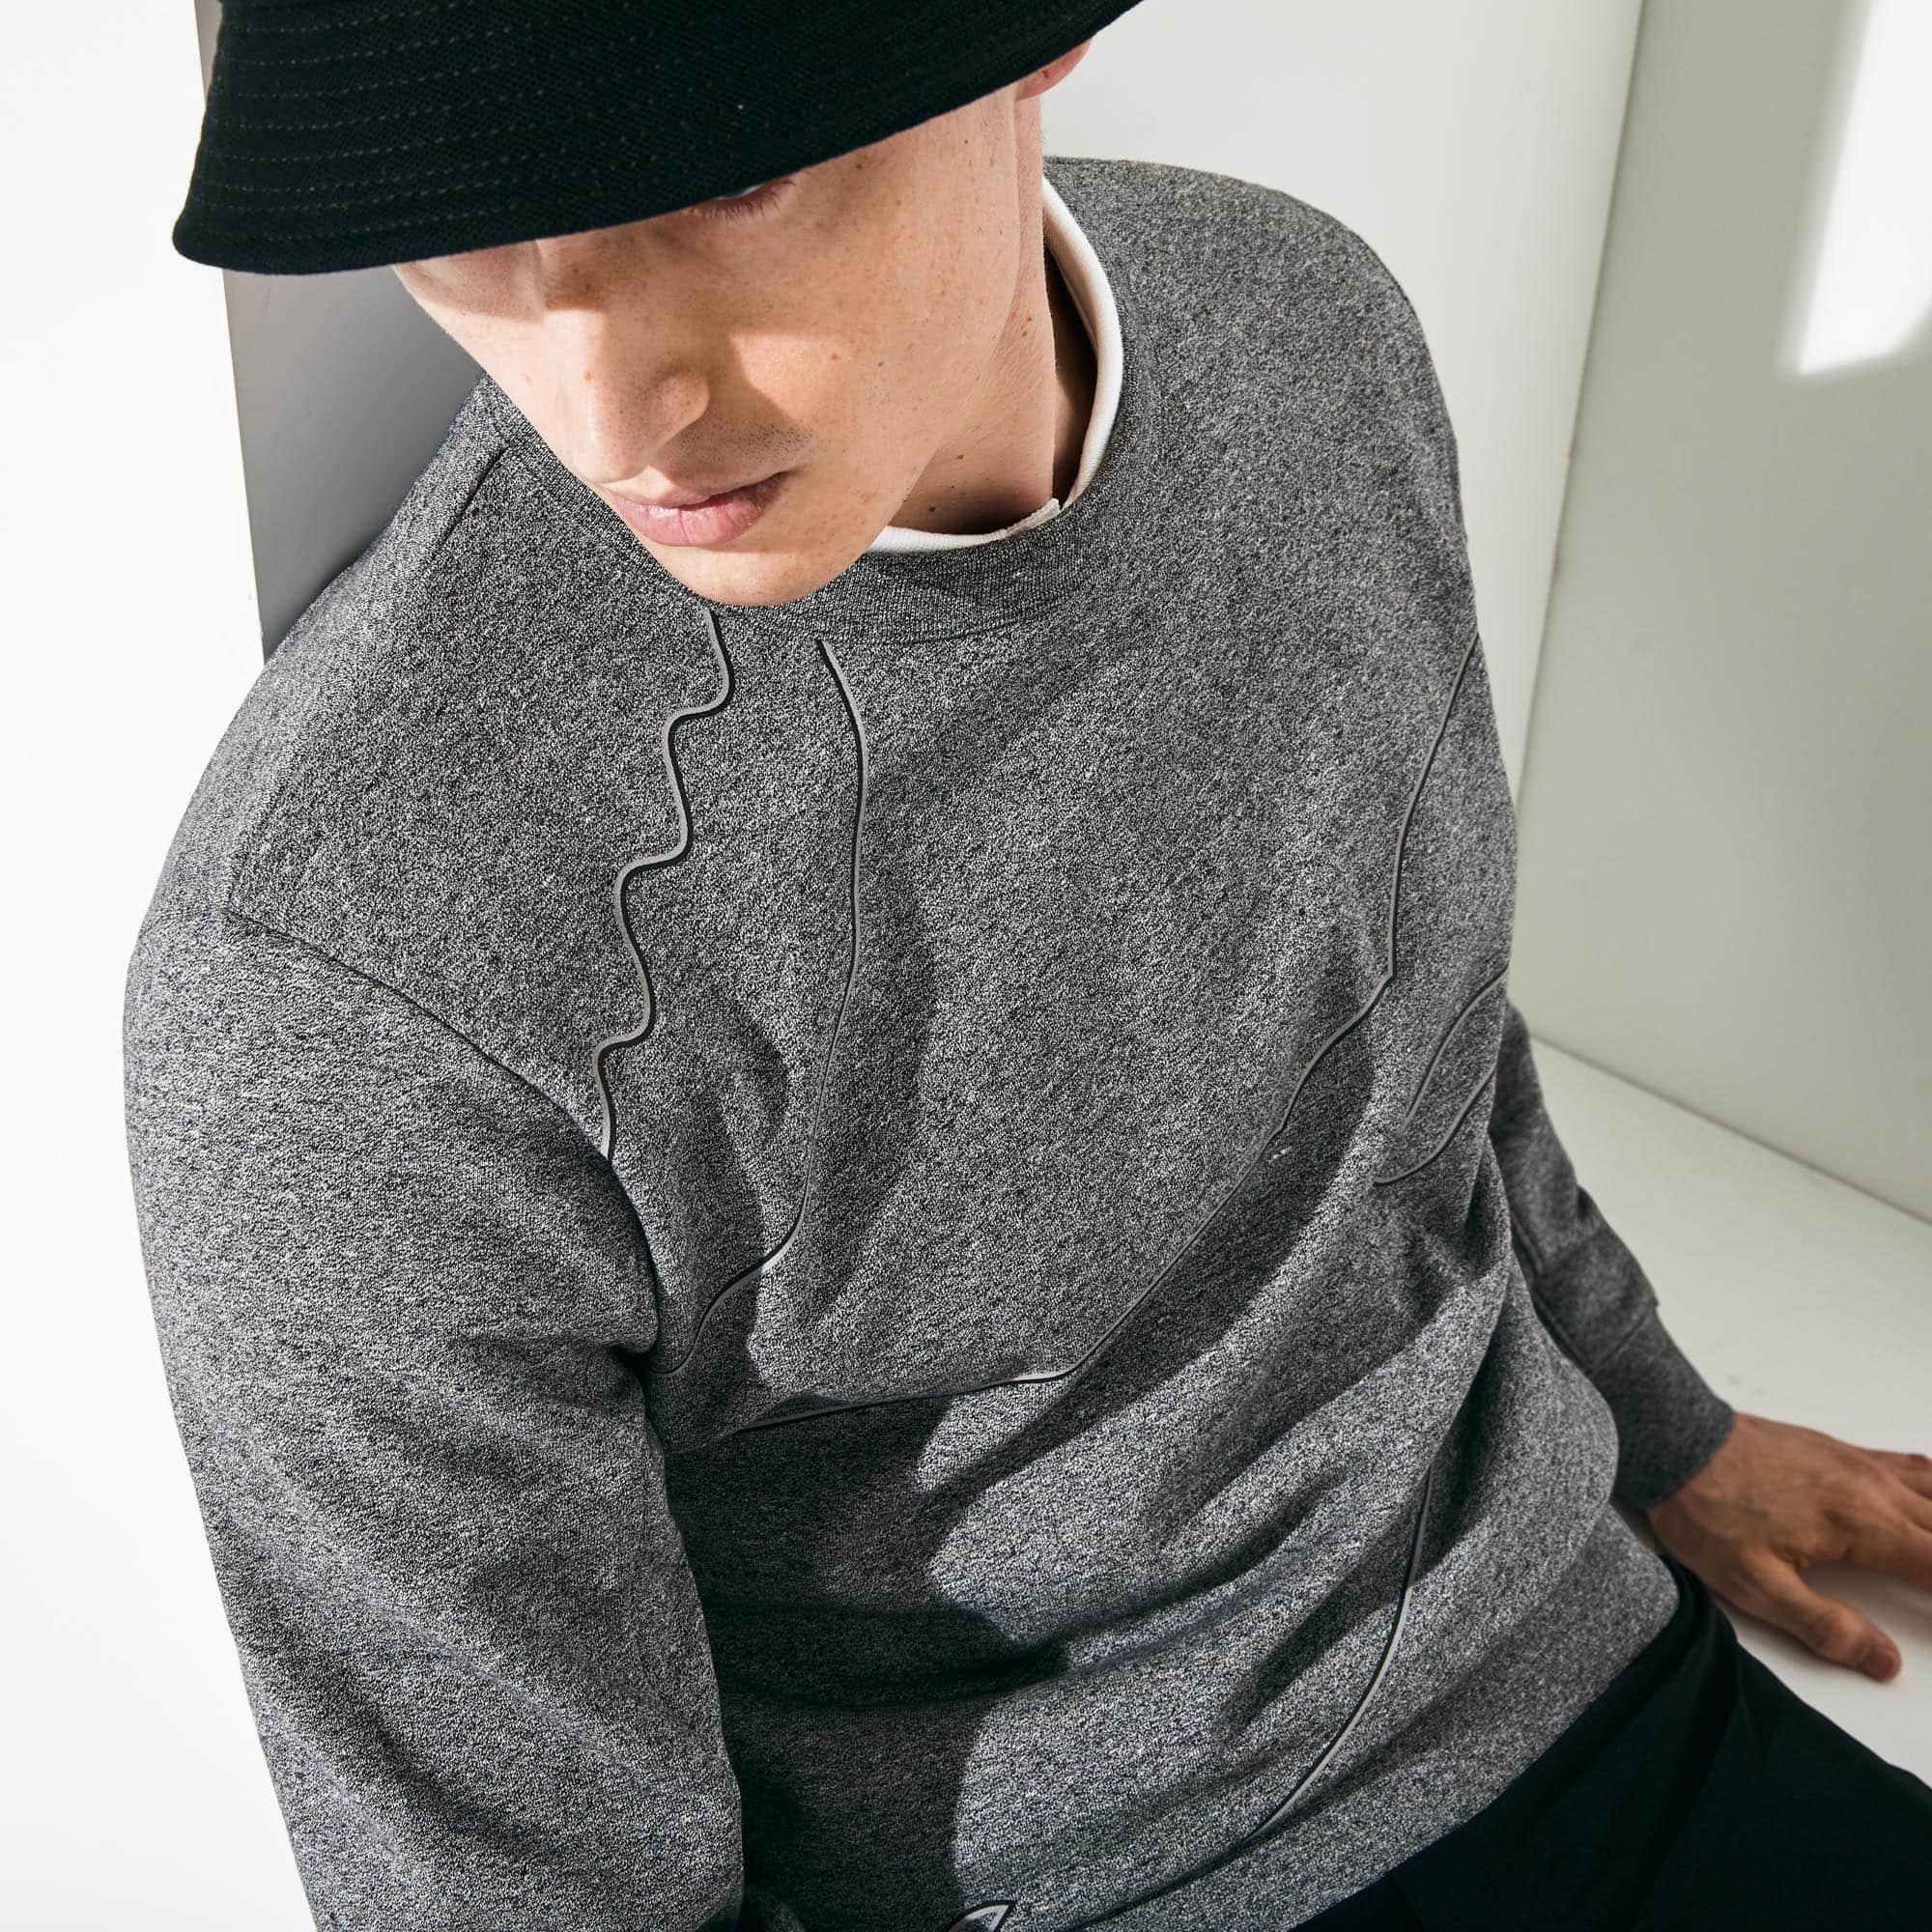 8a789a34dd96 Men s Lacoste SPORT Oversized Croc Brushed Fleece Sweatshirt